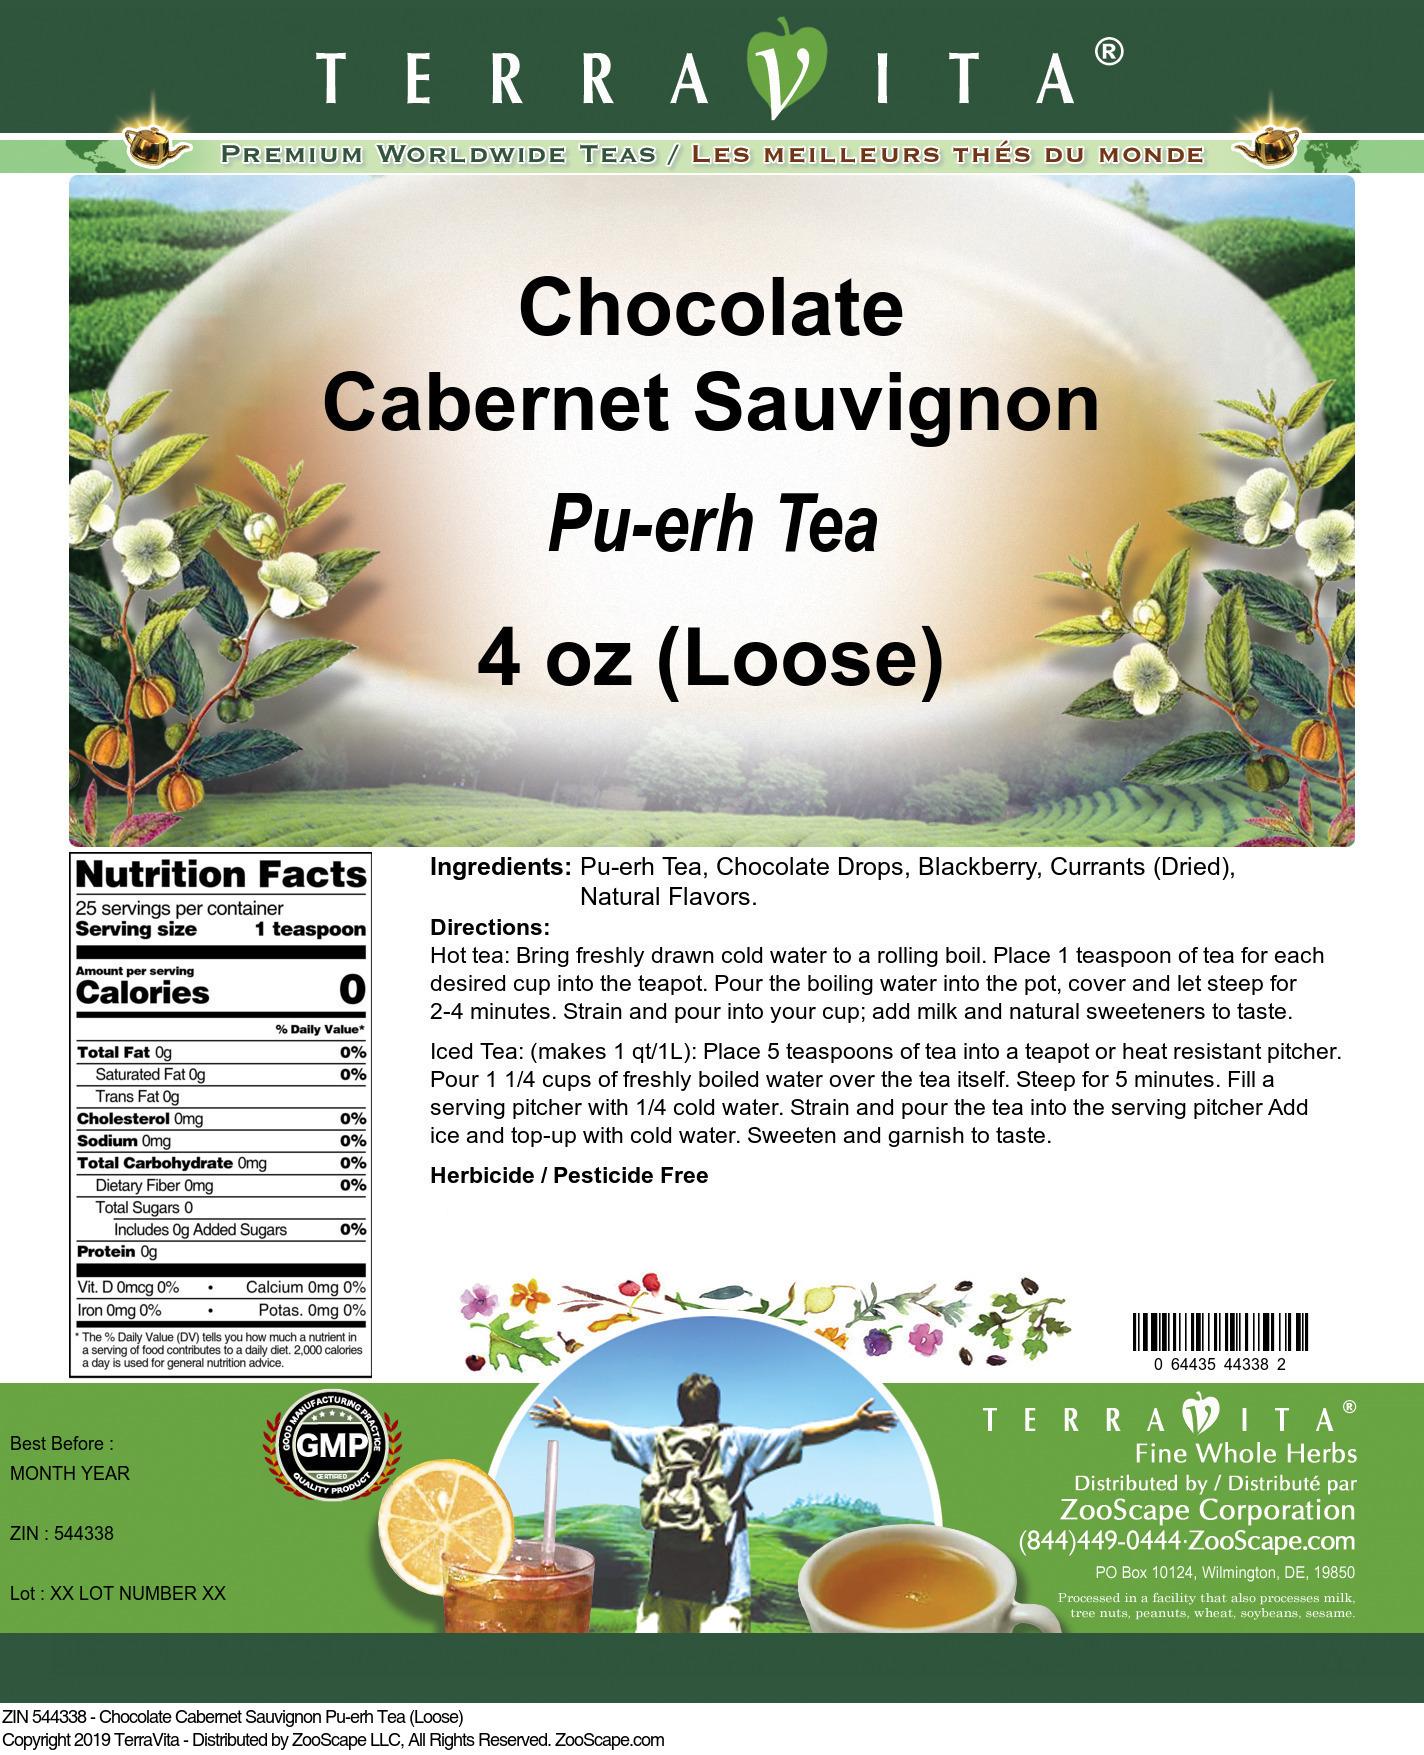 Chocolate Cabernet Sauvignon Pu-erh Tea